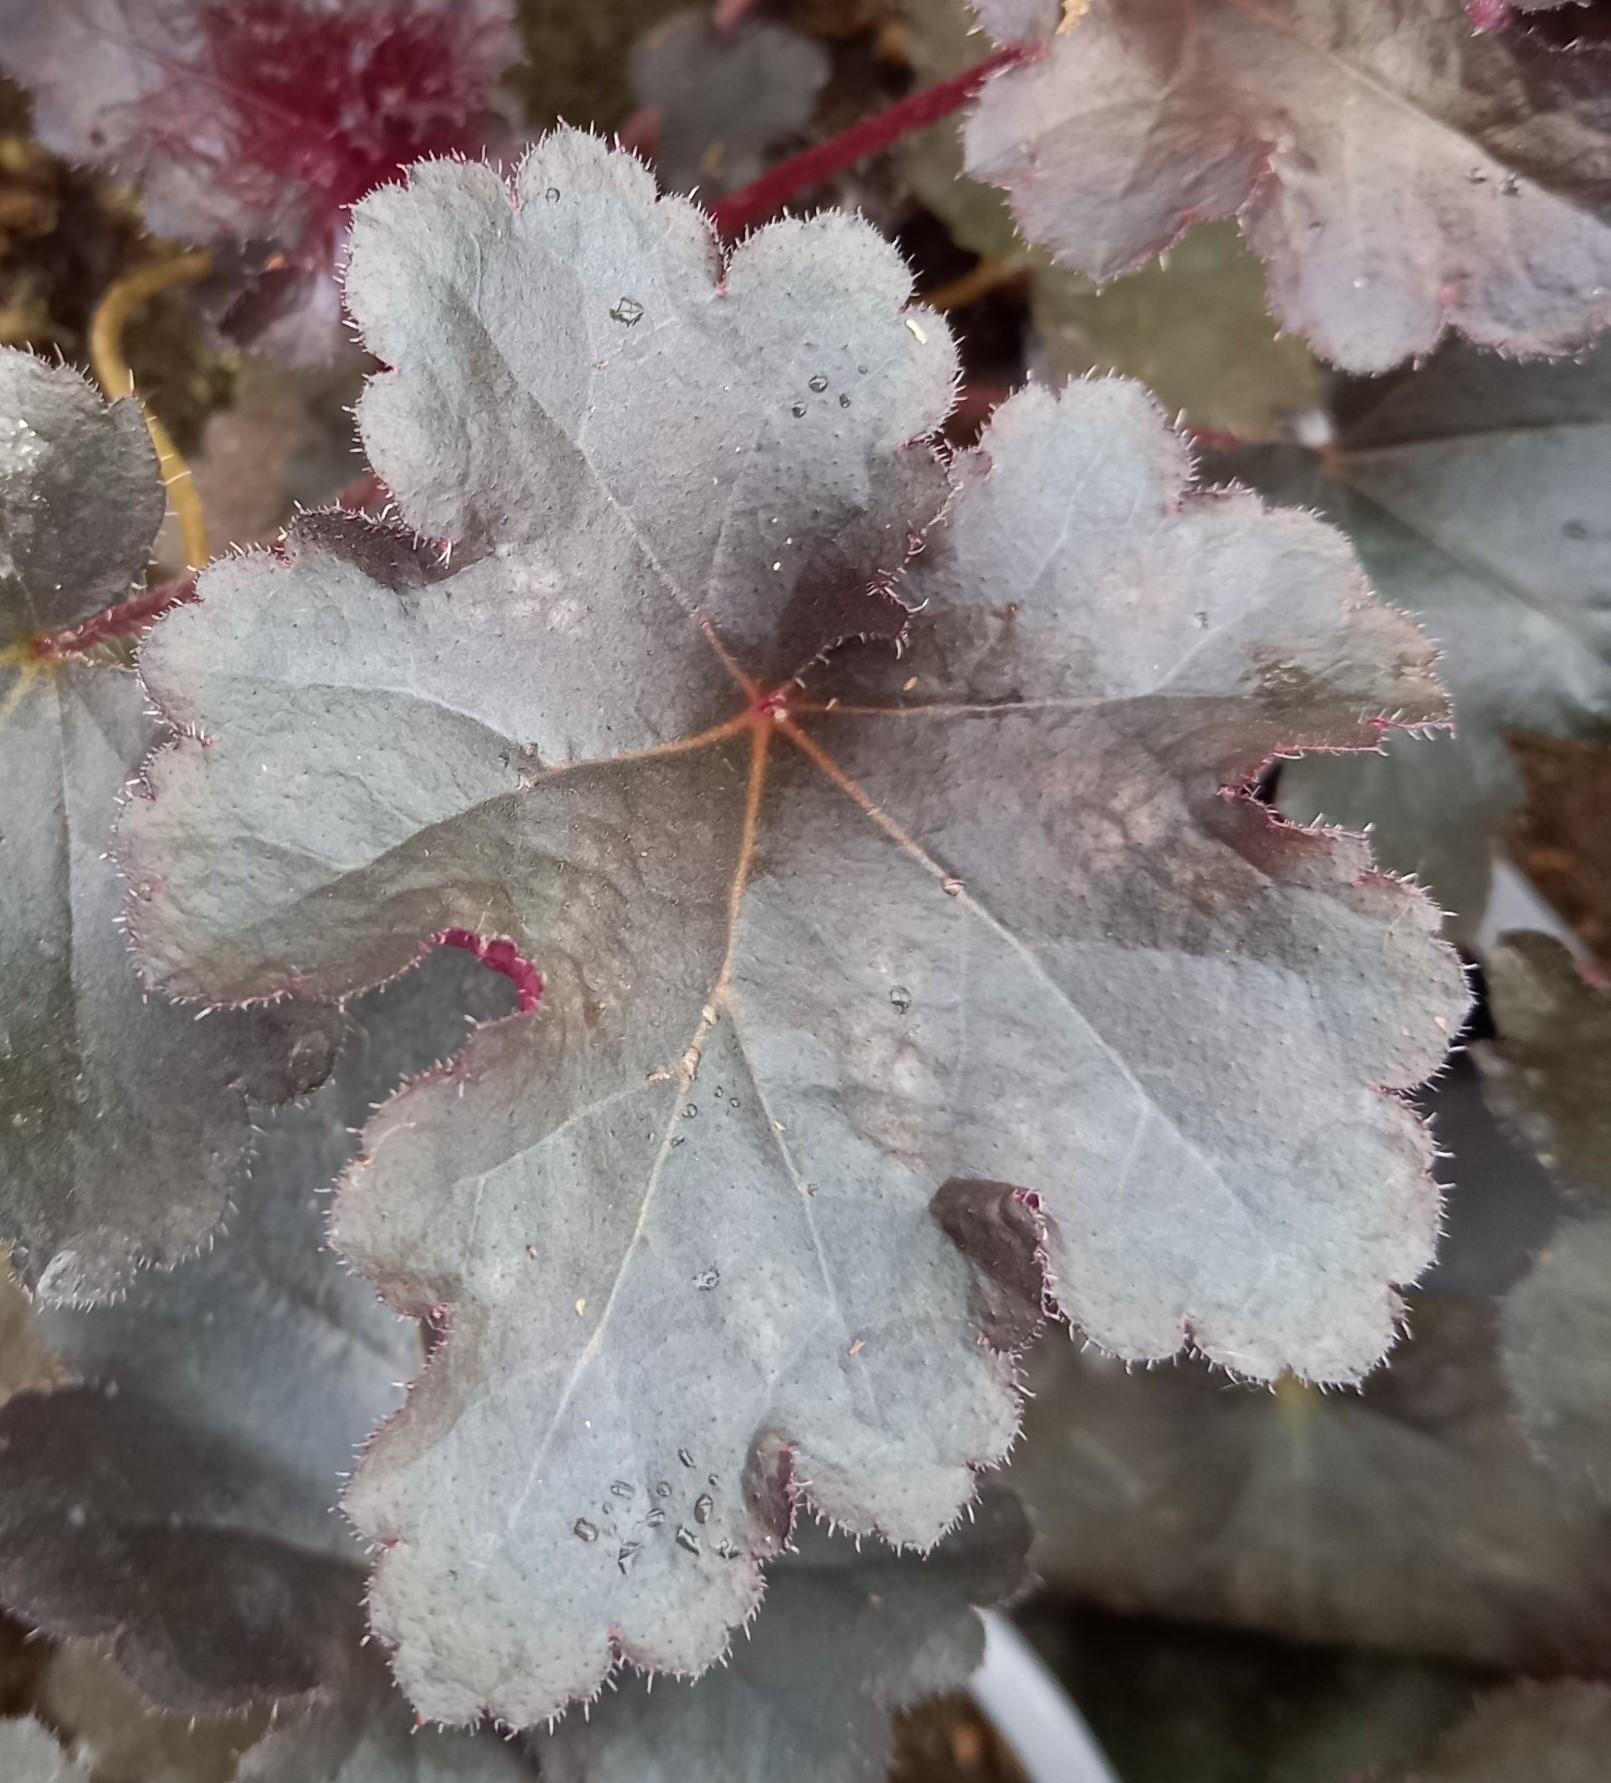 Purpurglöckchen (Heuchera) 'Black Pearl' T12, violett-schwarz - winterhart